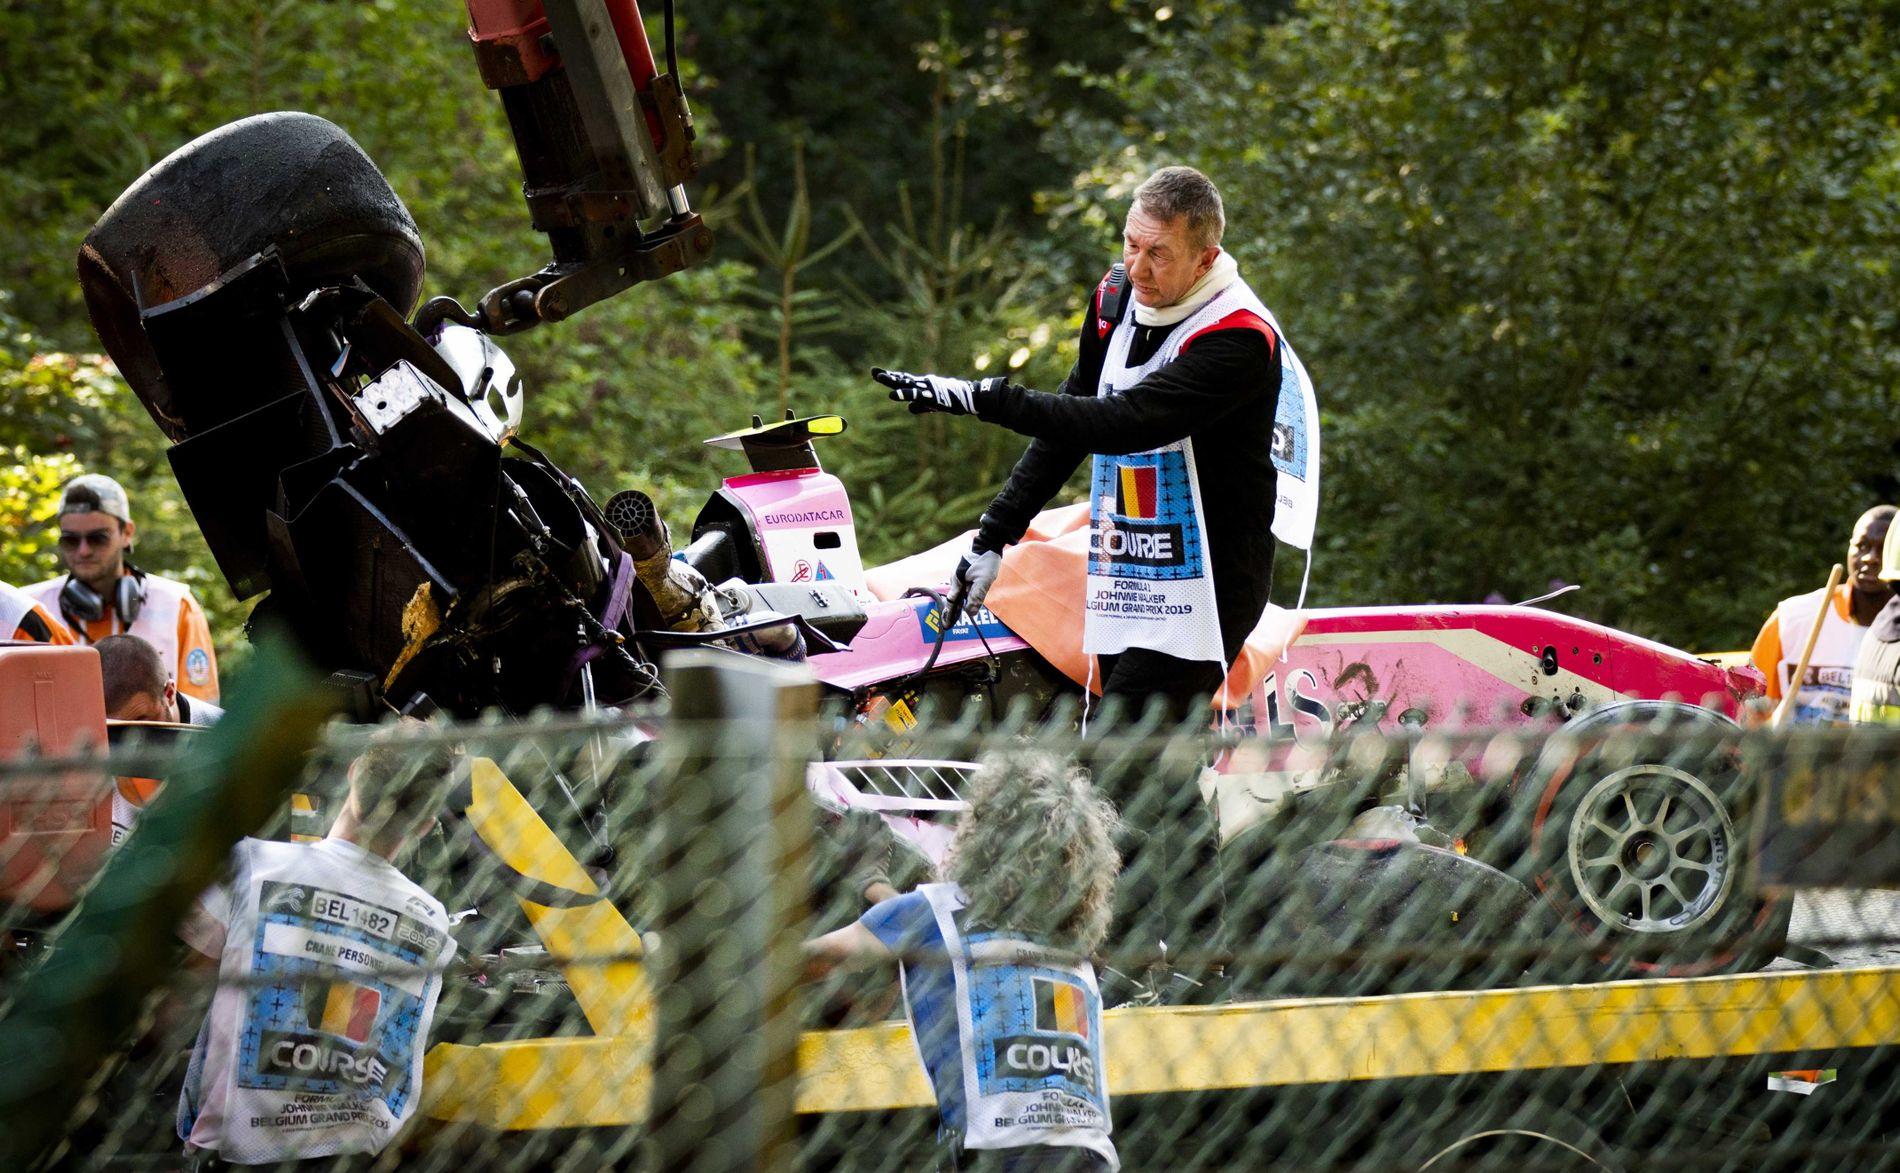 DØDSULYKKE: Slik så bilen til Anthoine Hubert ut etter krasjet.